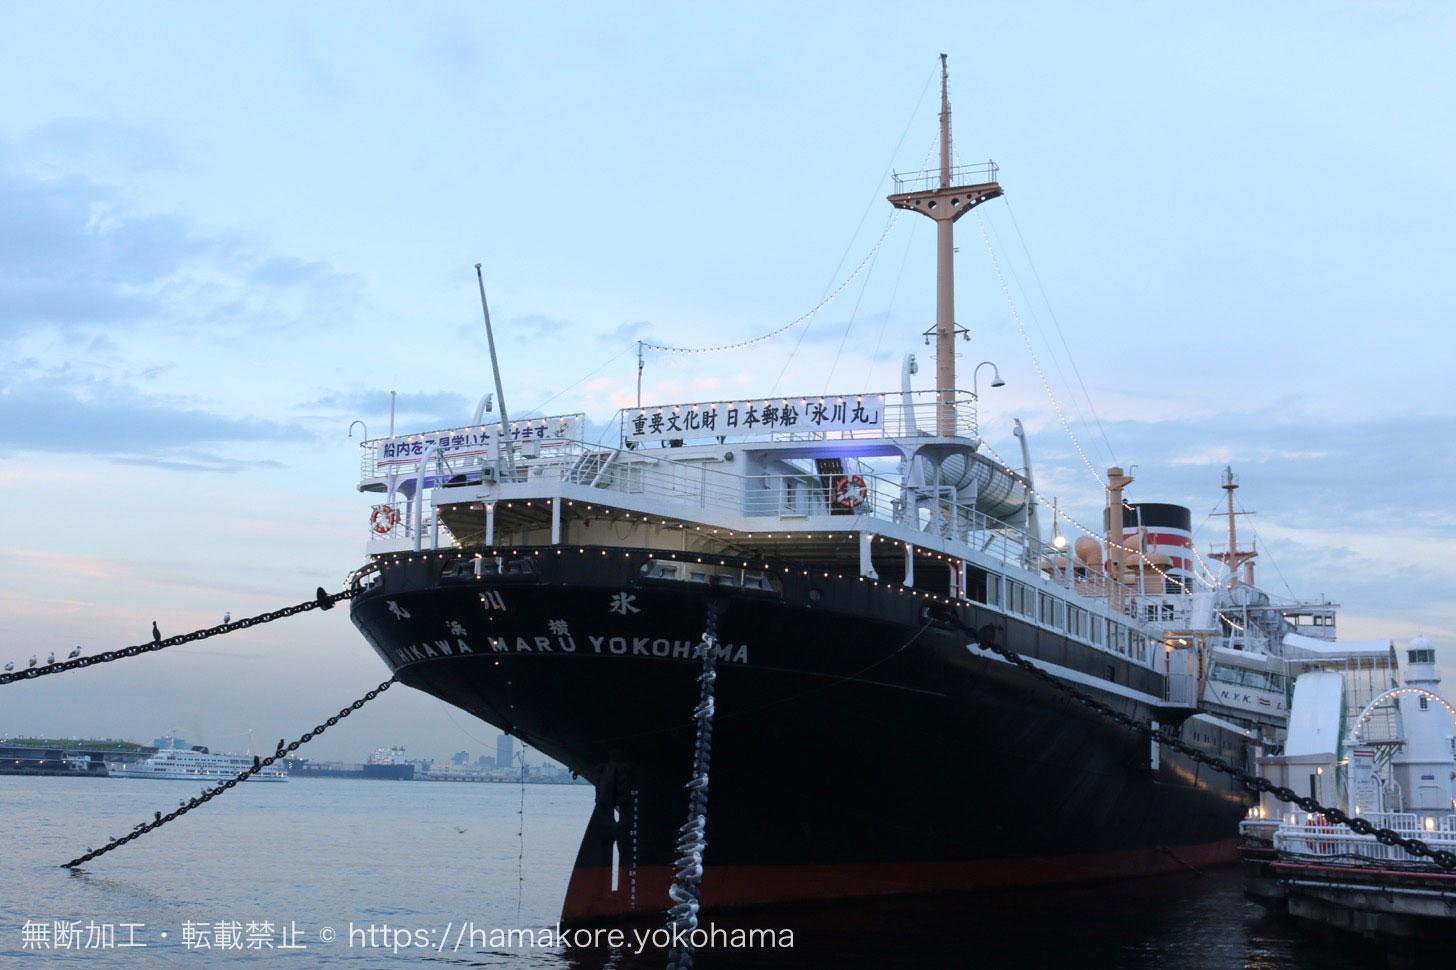 2018年 日本郵船氷川丸で恒例のもちつきを1月2日に実施!お餅は無くなり次第終了